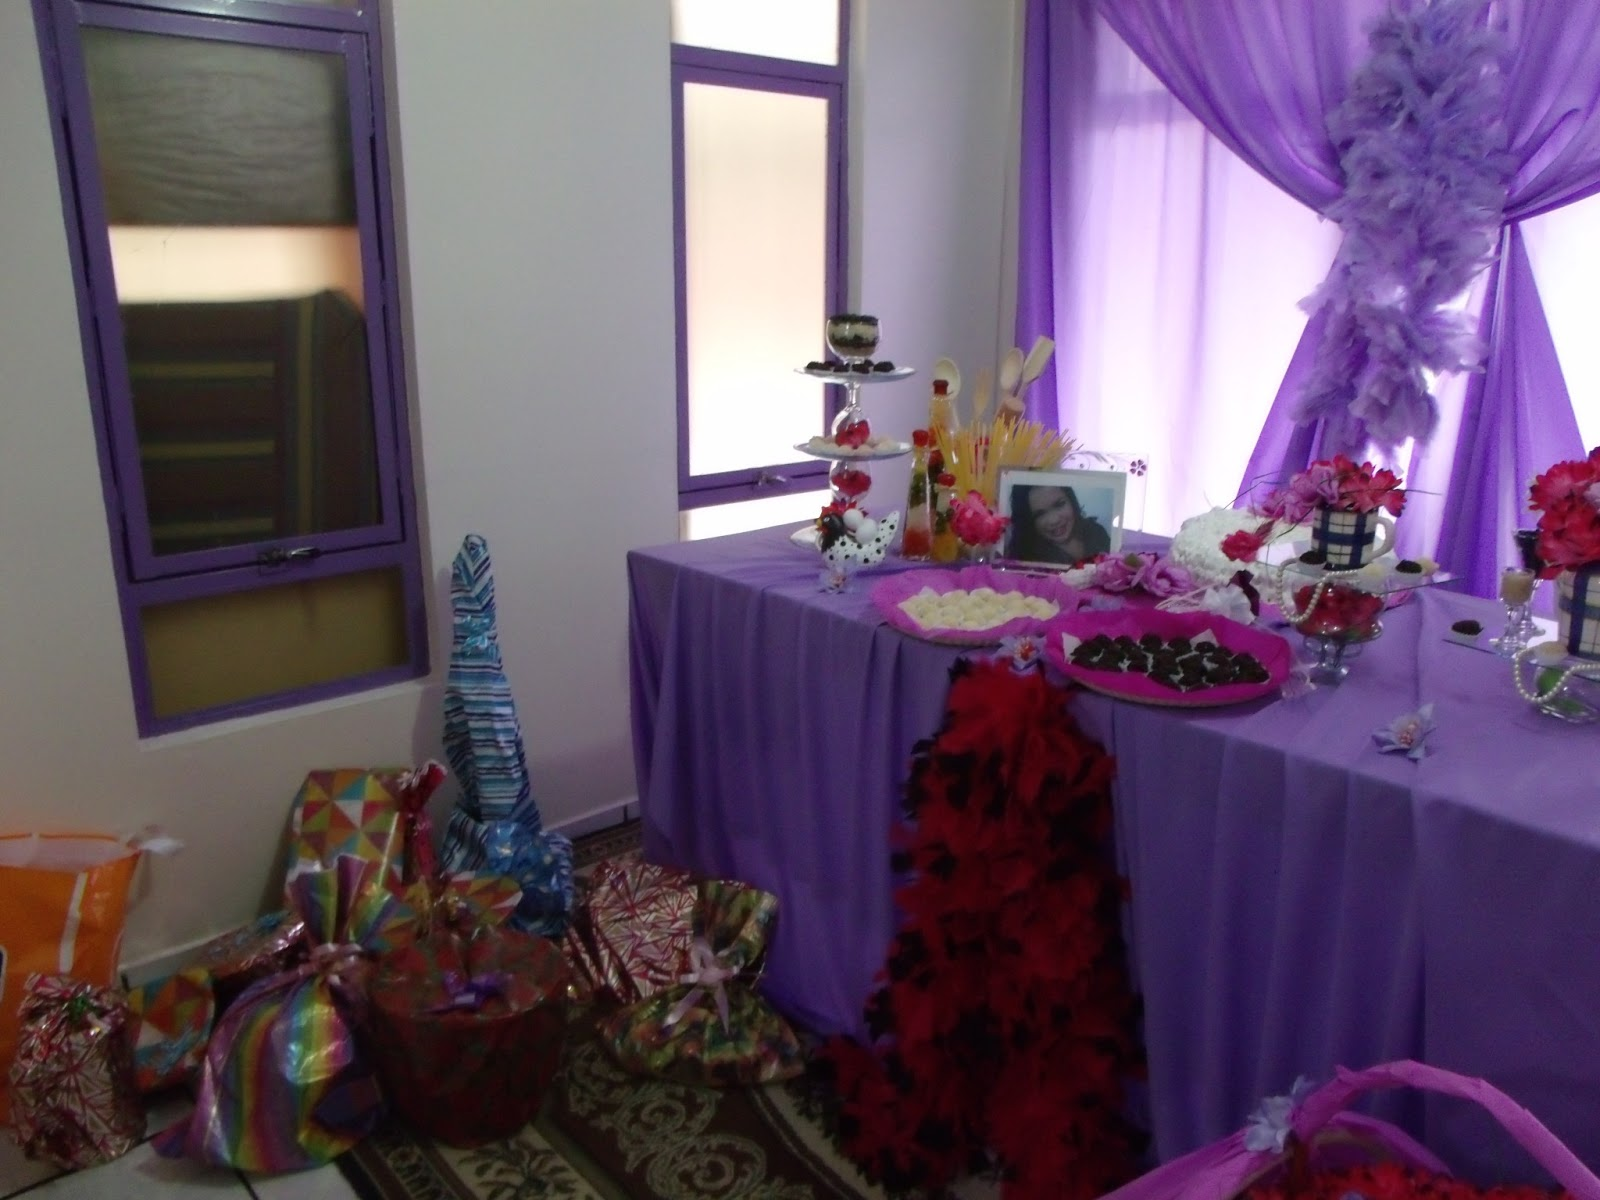 decoracao de cozinha na cor lilas: sobre o meu chá de cozinha  #663A91 1600x1200 Banheiro Azul Banda